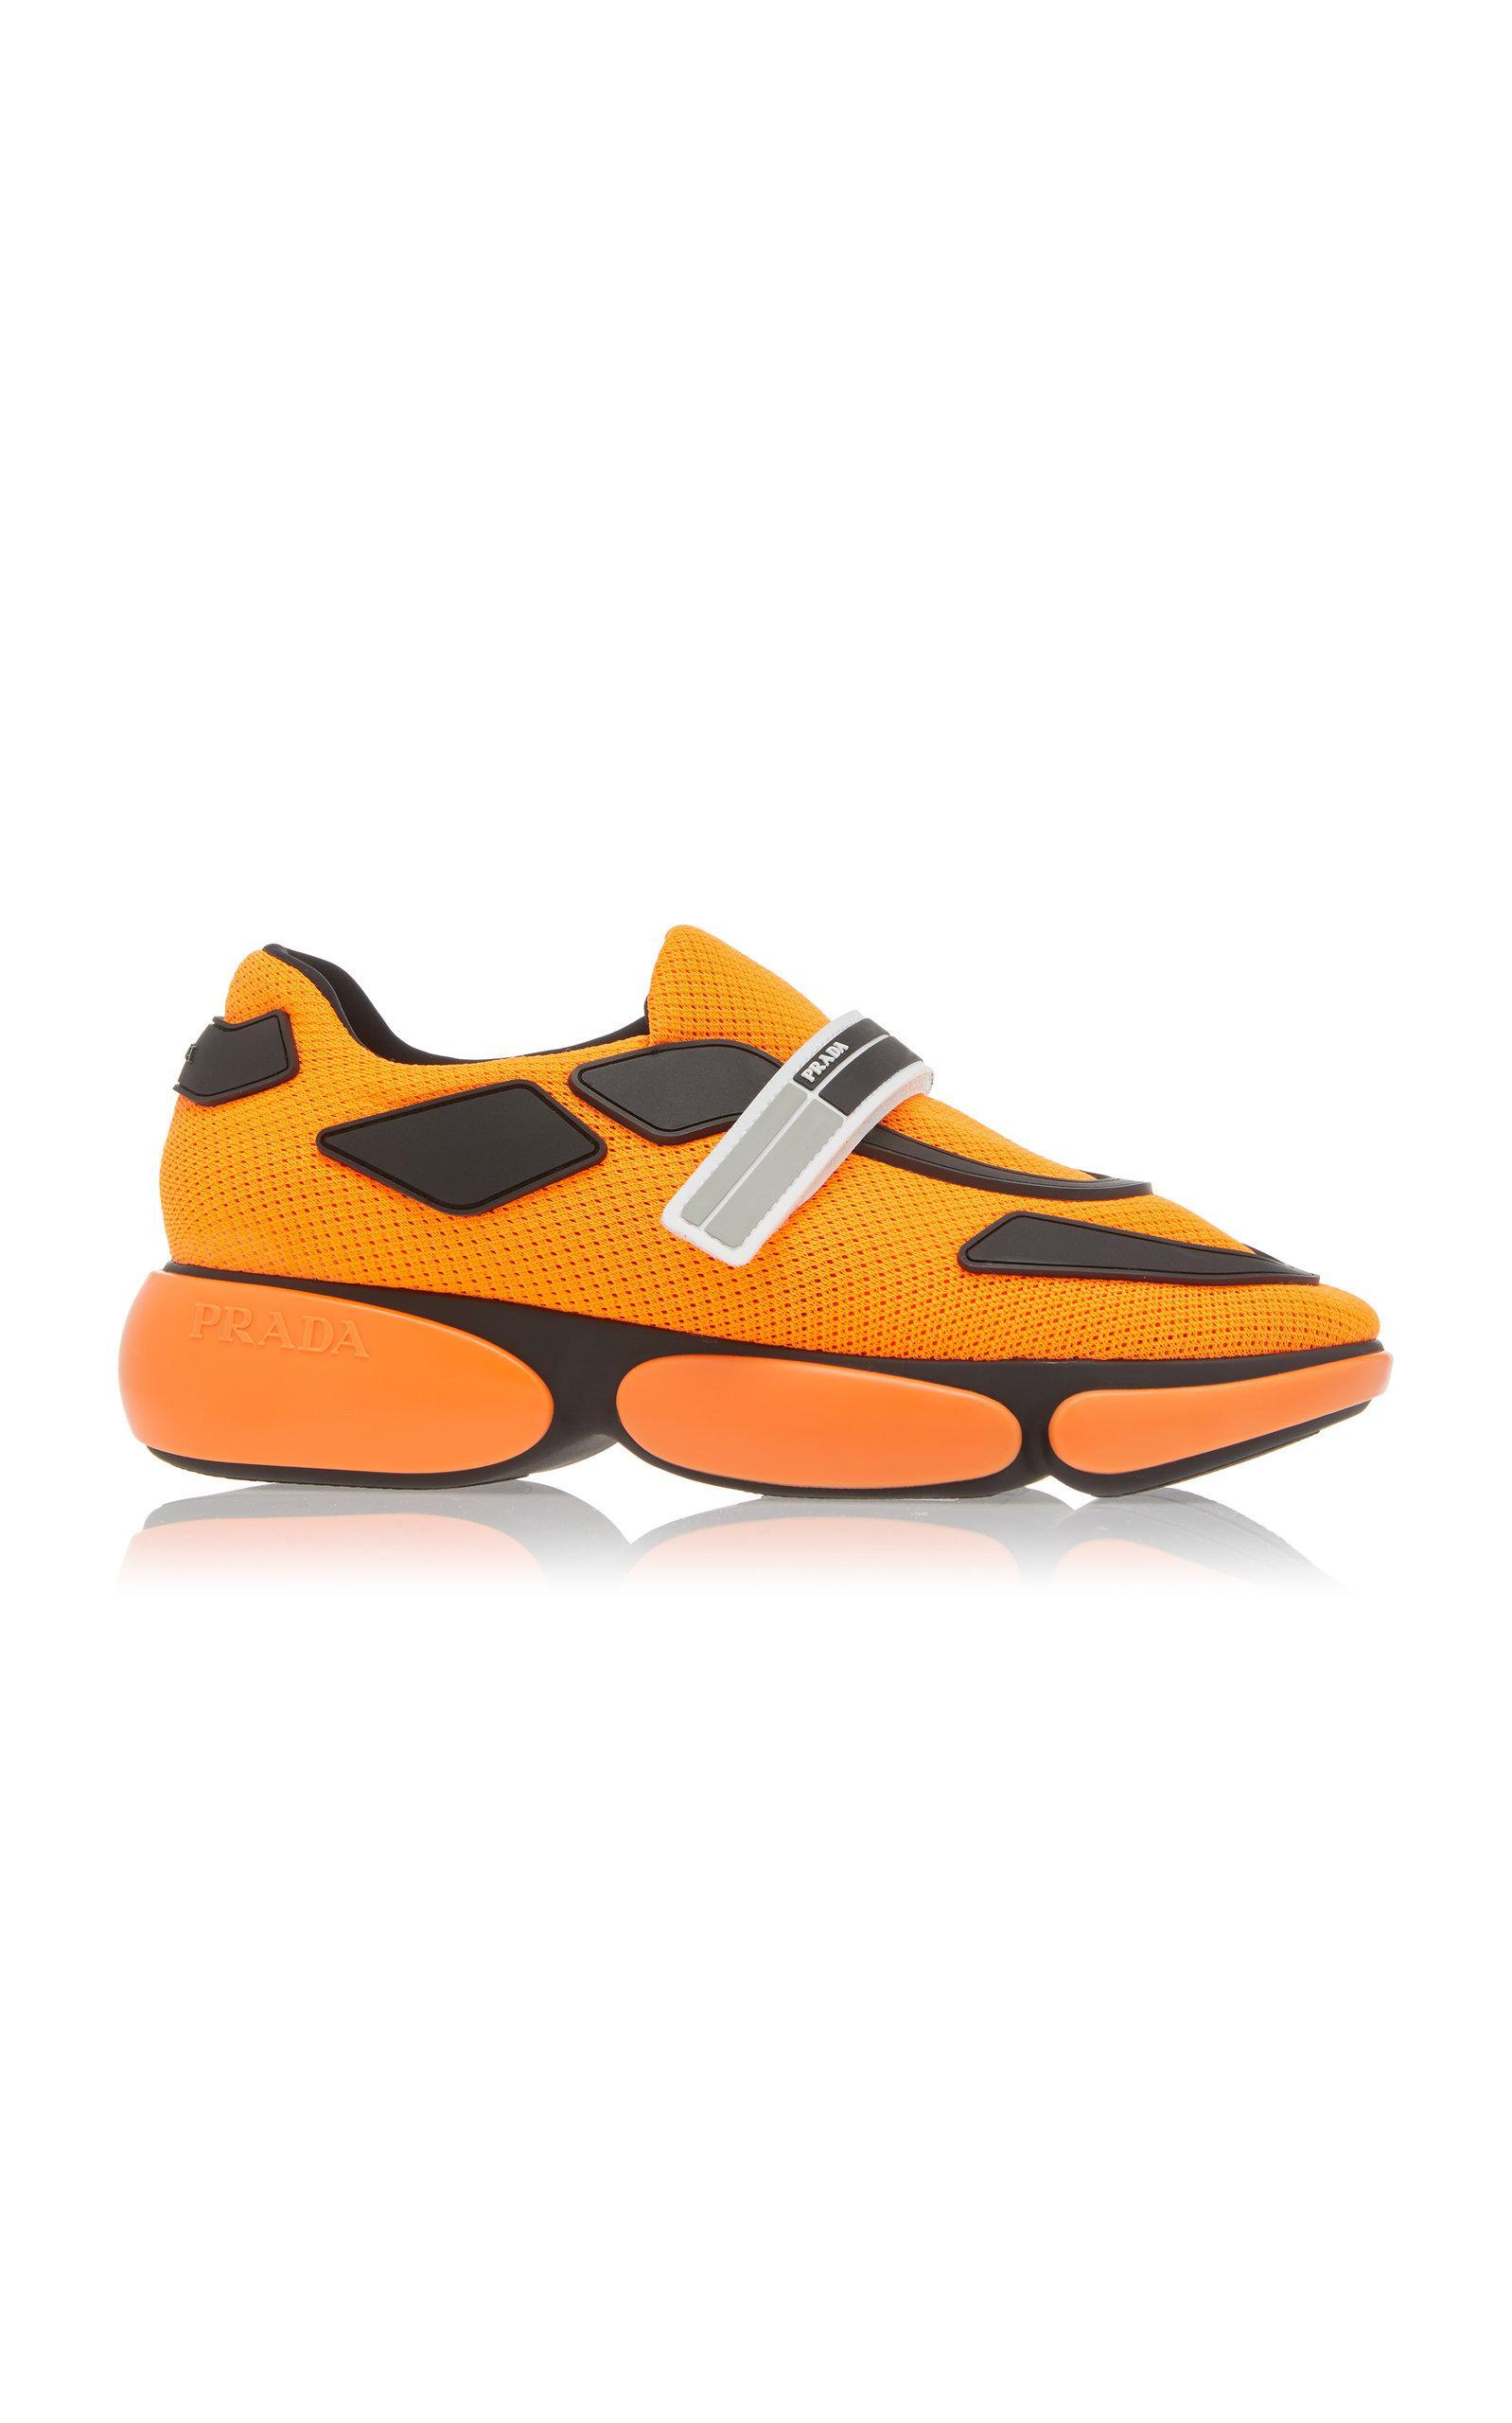 Prada Synthetic Allacciate Sneaker in